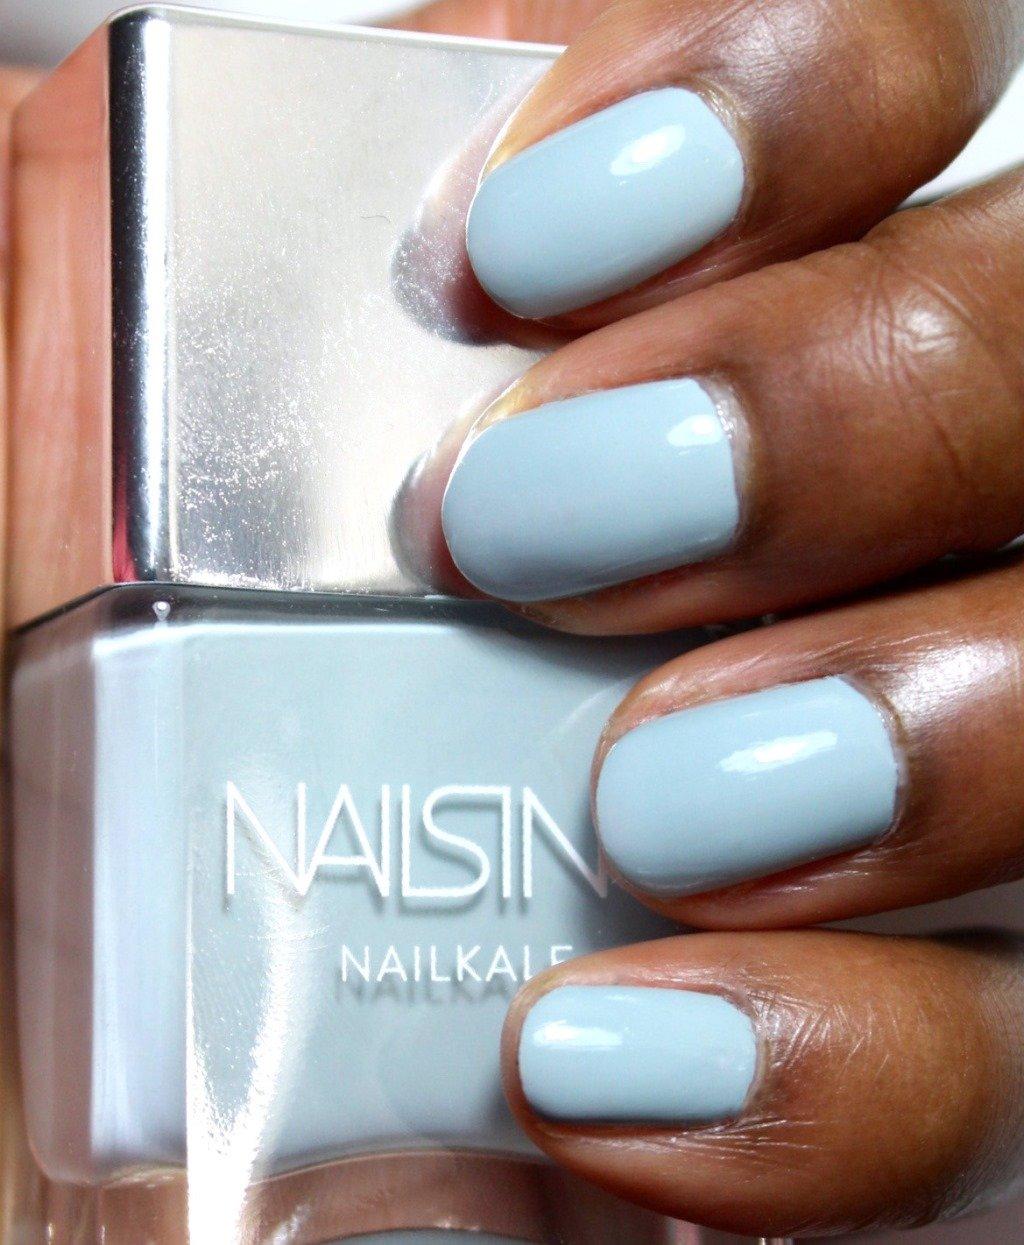 Nails Inc. Palace Gardens Nailkale Polish